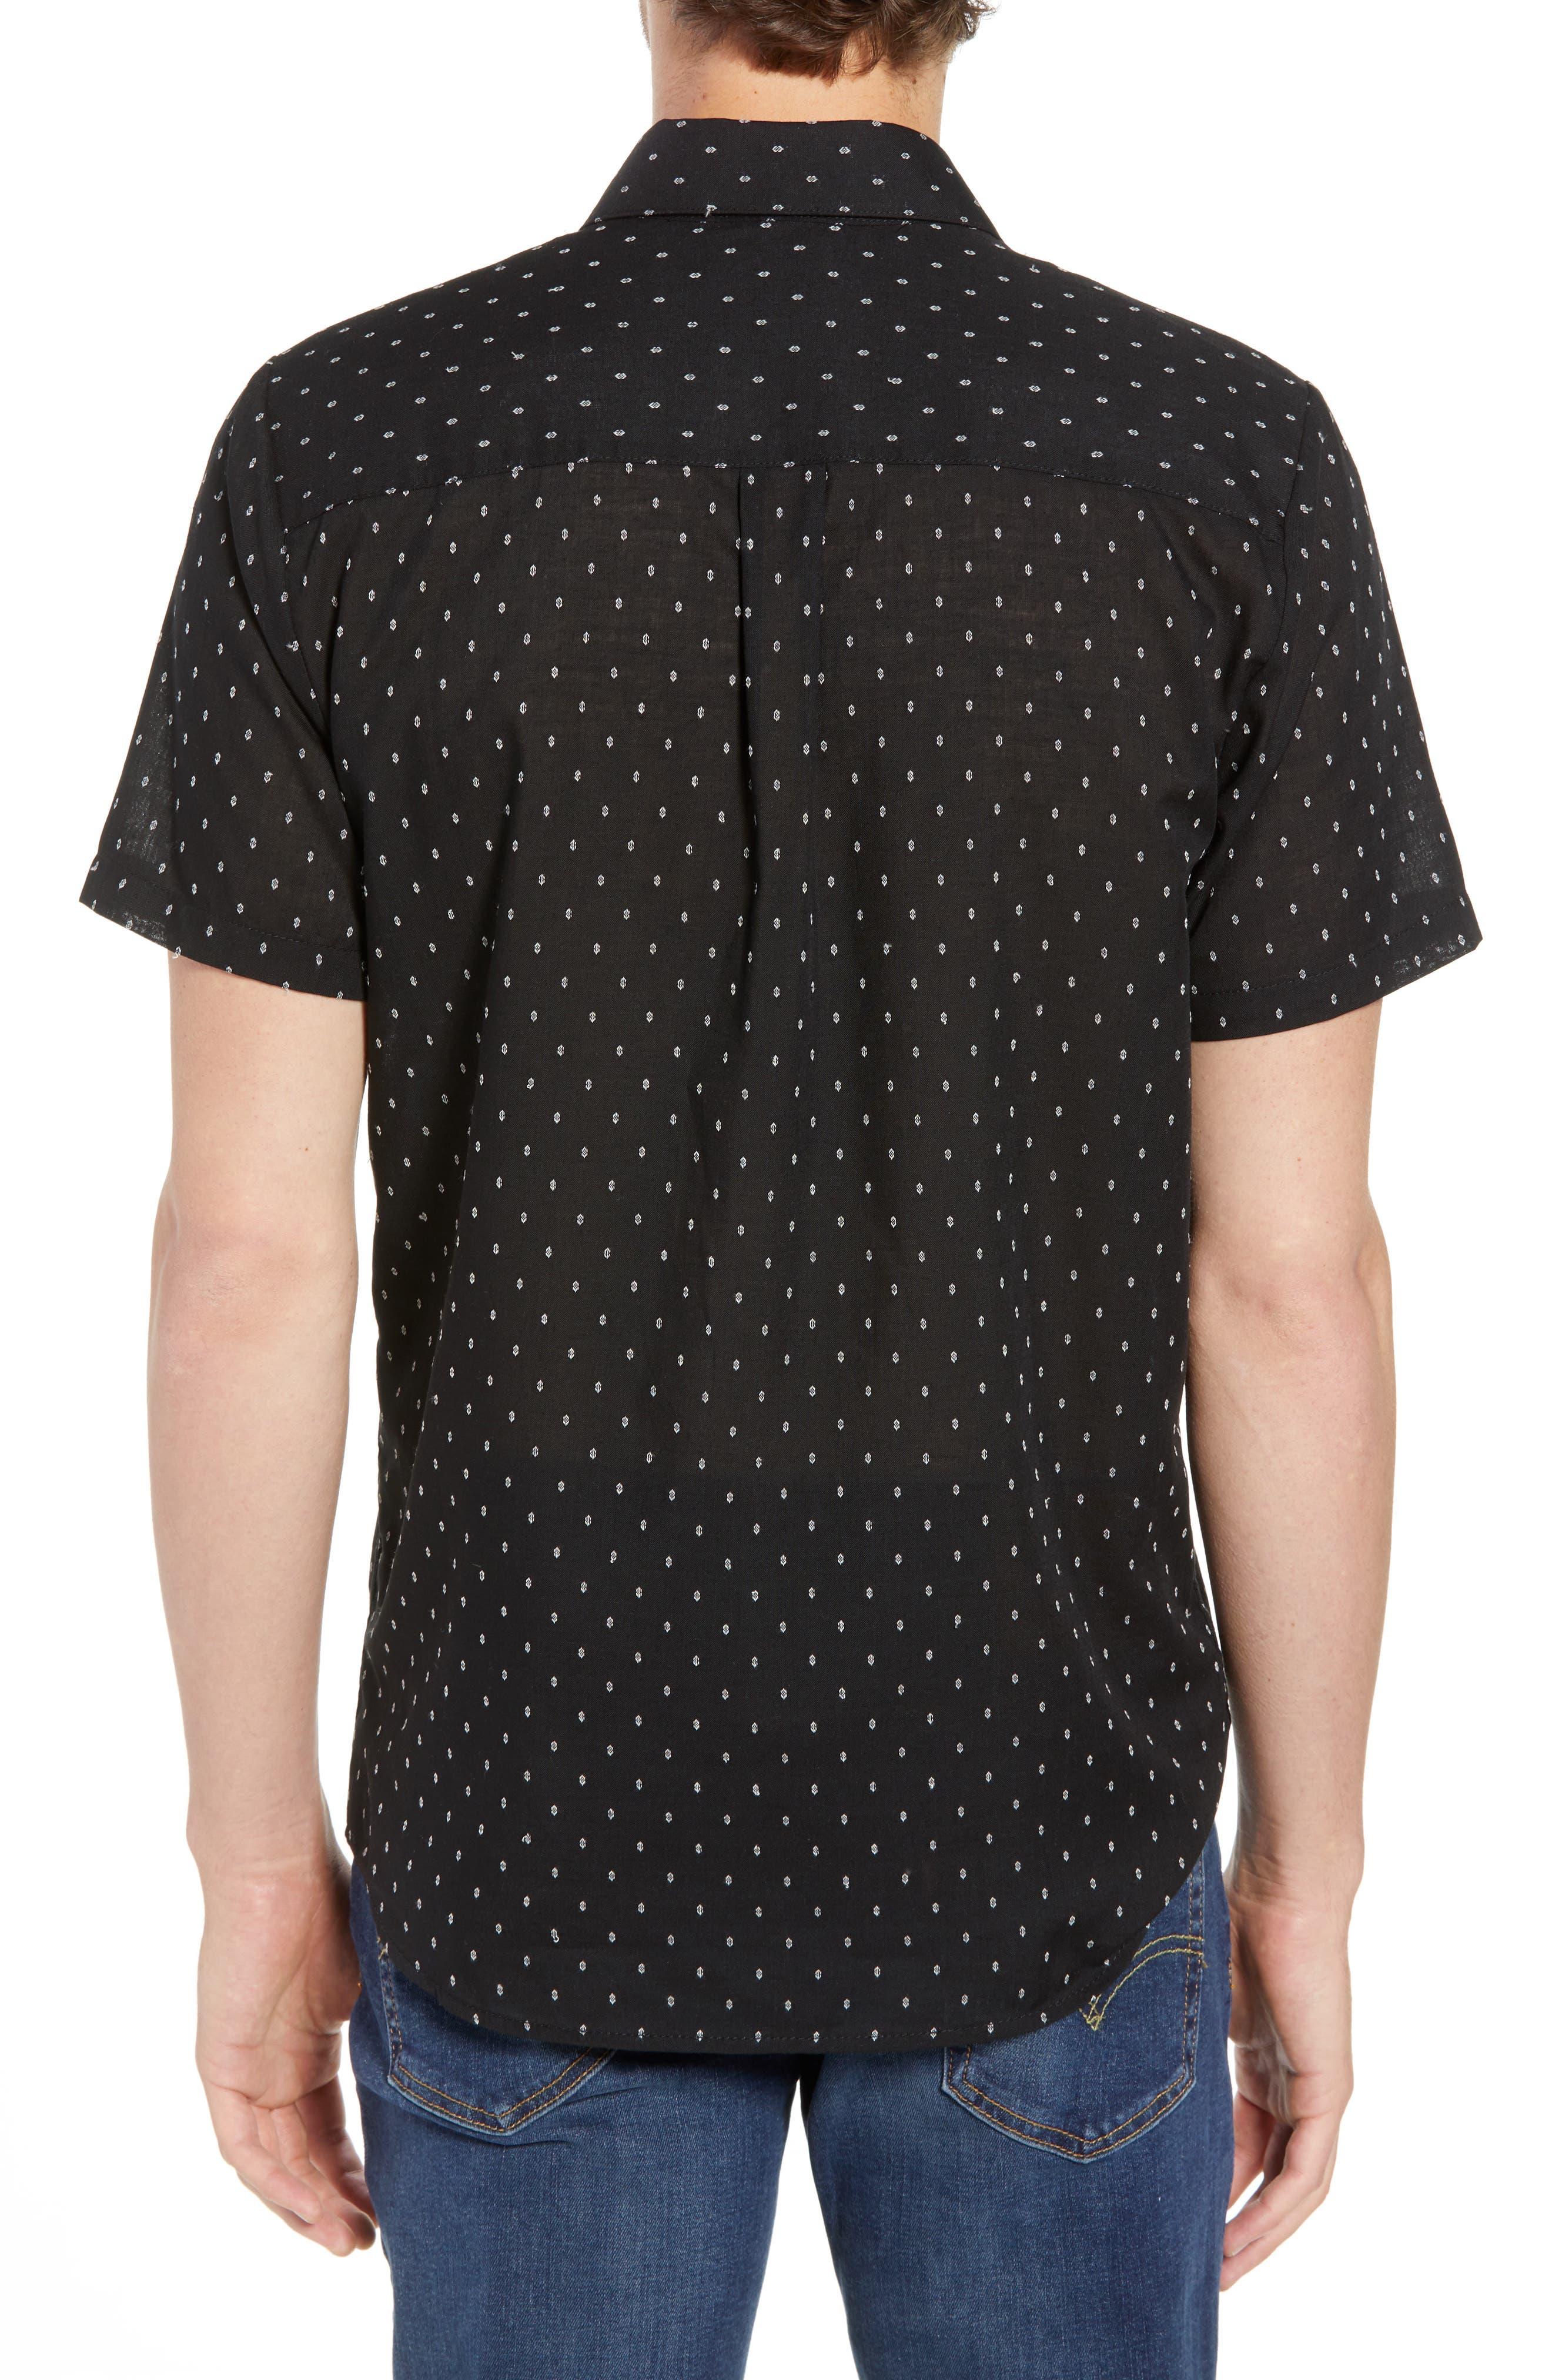 Dobler Woven Shirt,                             Alternate thumbnail 2, color,                             001